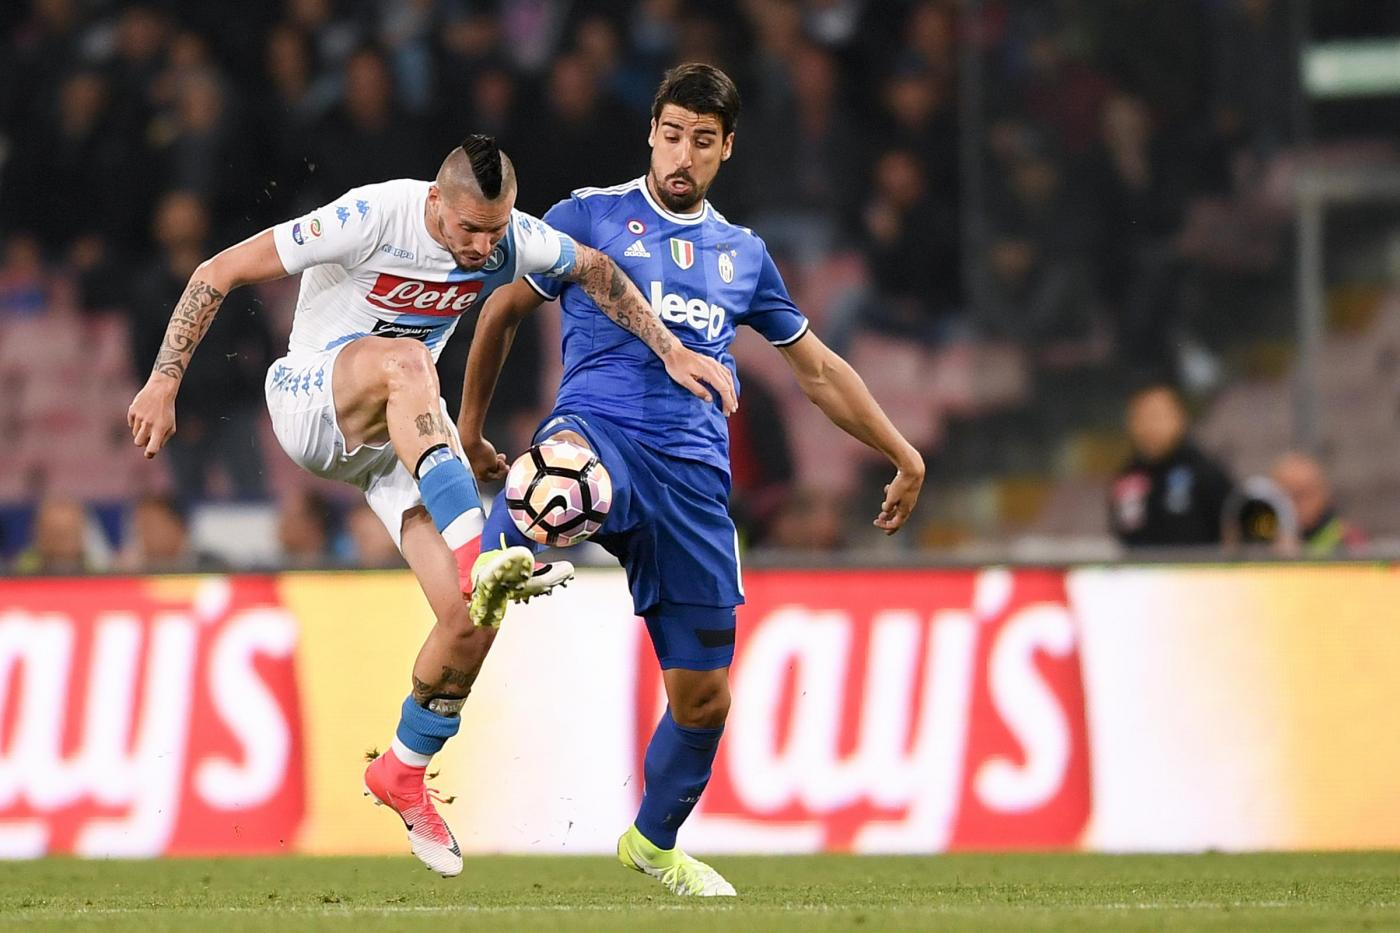 """Khedira: """"La Champions è l'obiettivo della Juventus. Non si comprano Cr7 e de Ligt per i quarti di finale"""""""